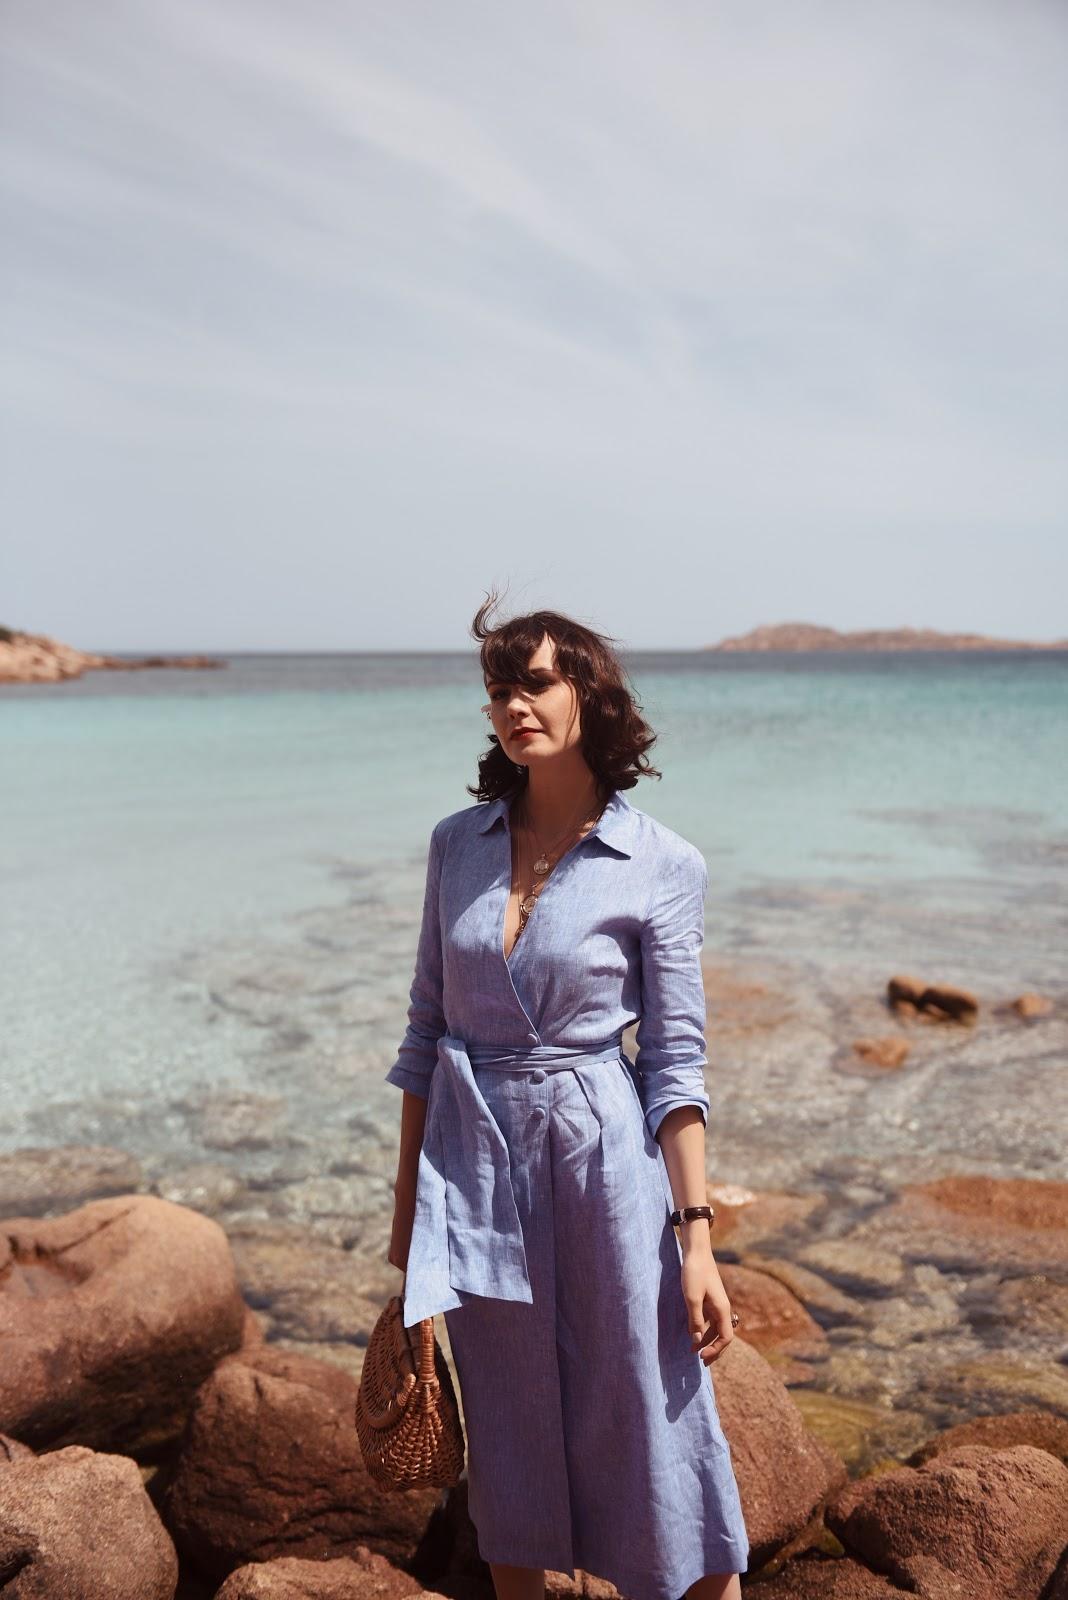 Jak zorganizować wyjazd na Sardynię? Praktyczne wskazówki – gdzie się zatrzymać, co zobaczyć? + film z mojej podróży